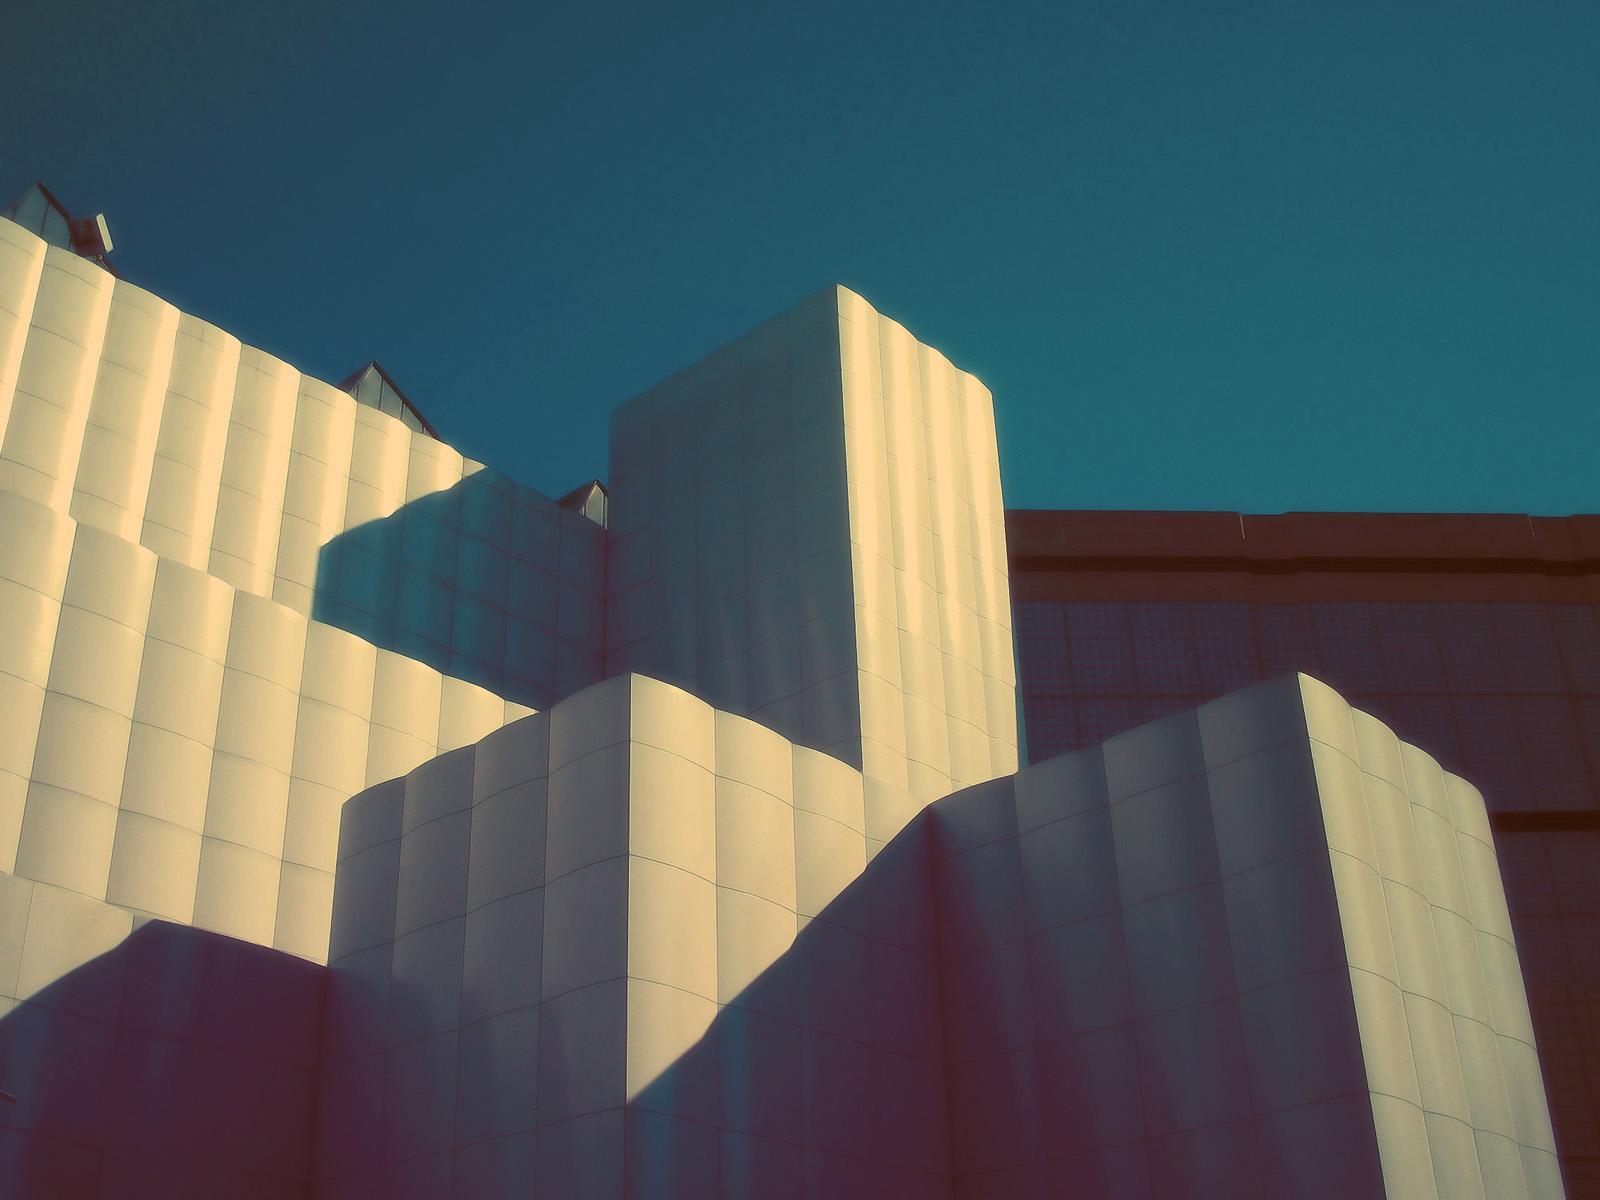 壁纸1600×1200现代简约建筑设计壁纸 壁纸10壁纸 现代简约建筑设计壁纸壁纸图片建筑壁纸建筑图片素材桌面壁纸